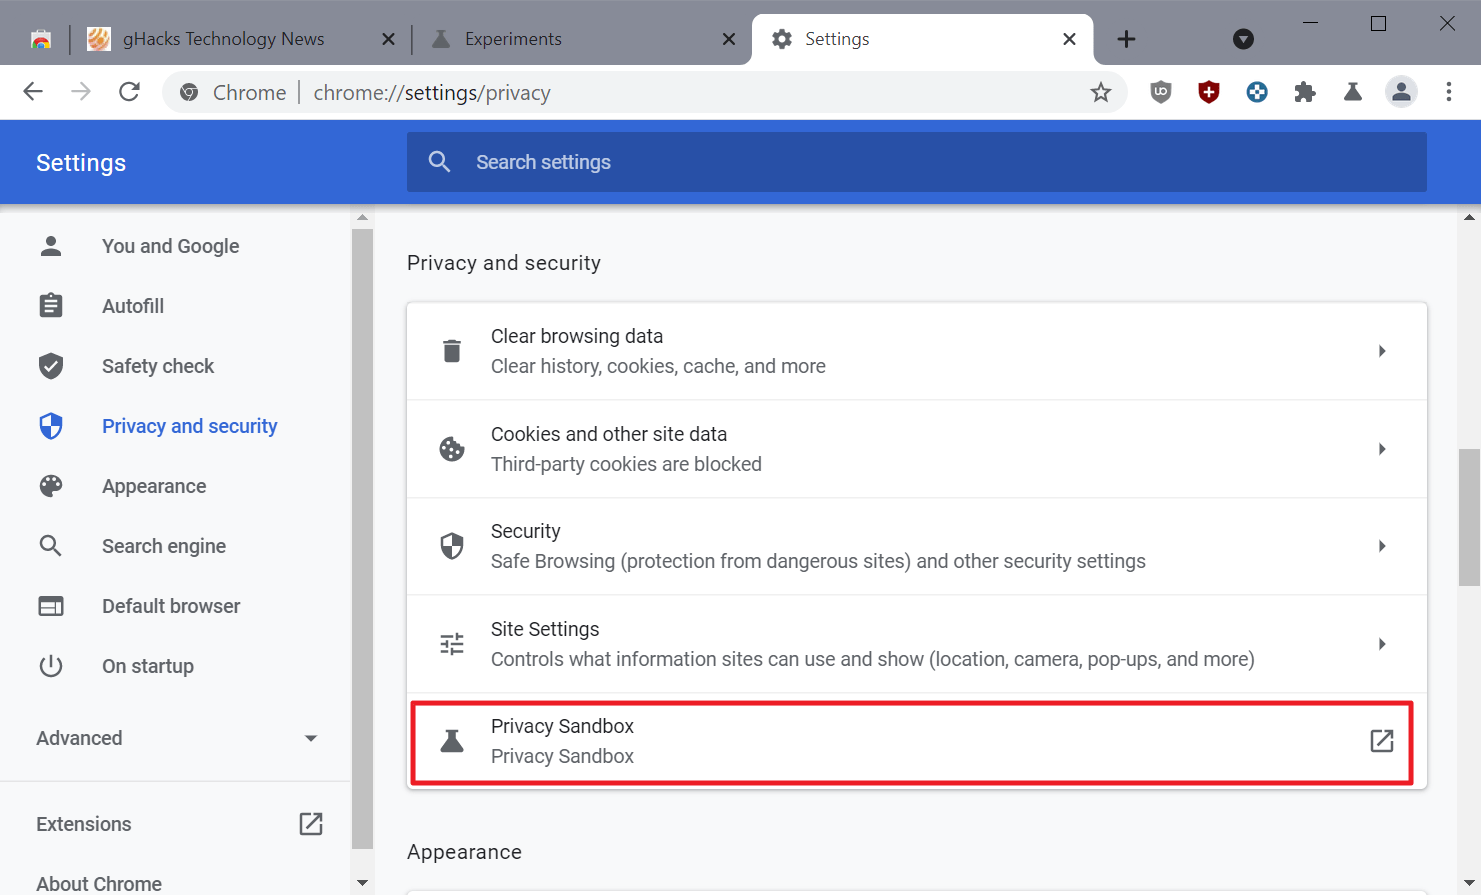 configuración de la zona de pruebas de privacidad de Chrome